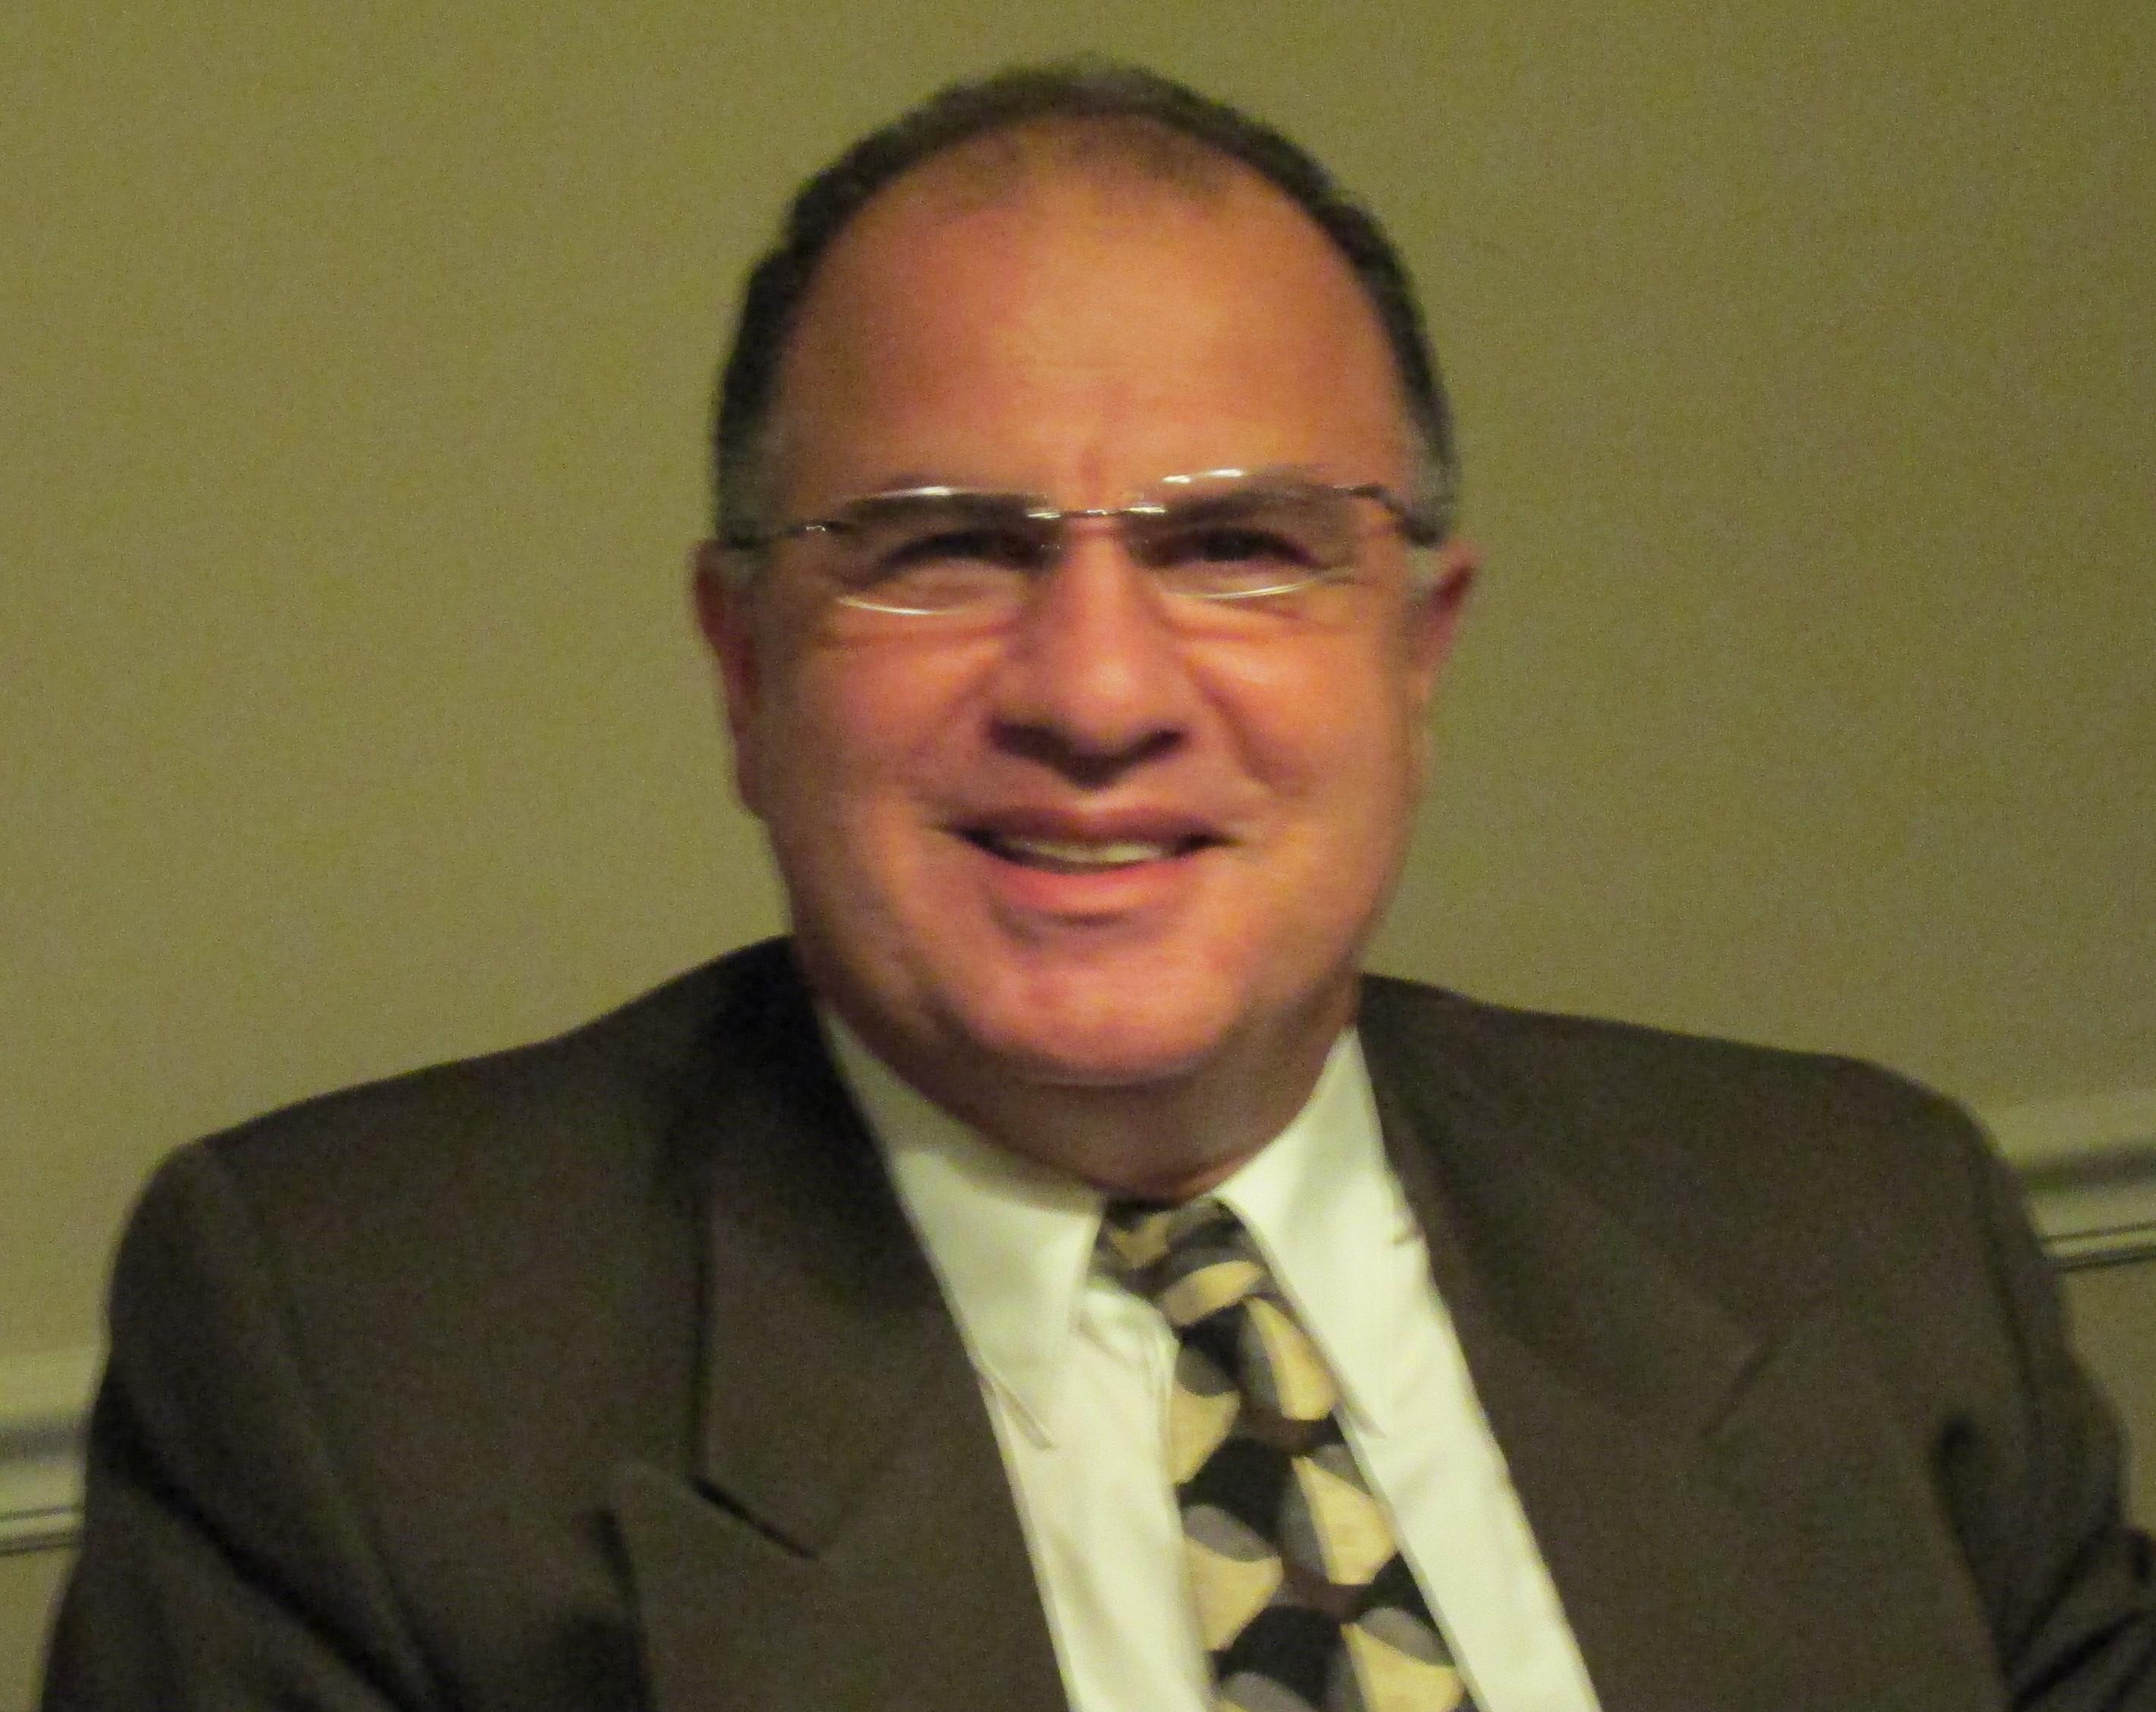 Fari Payandeh